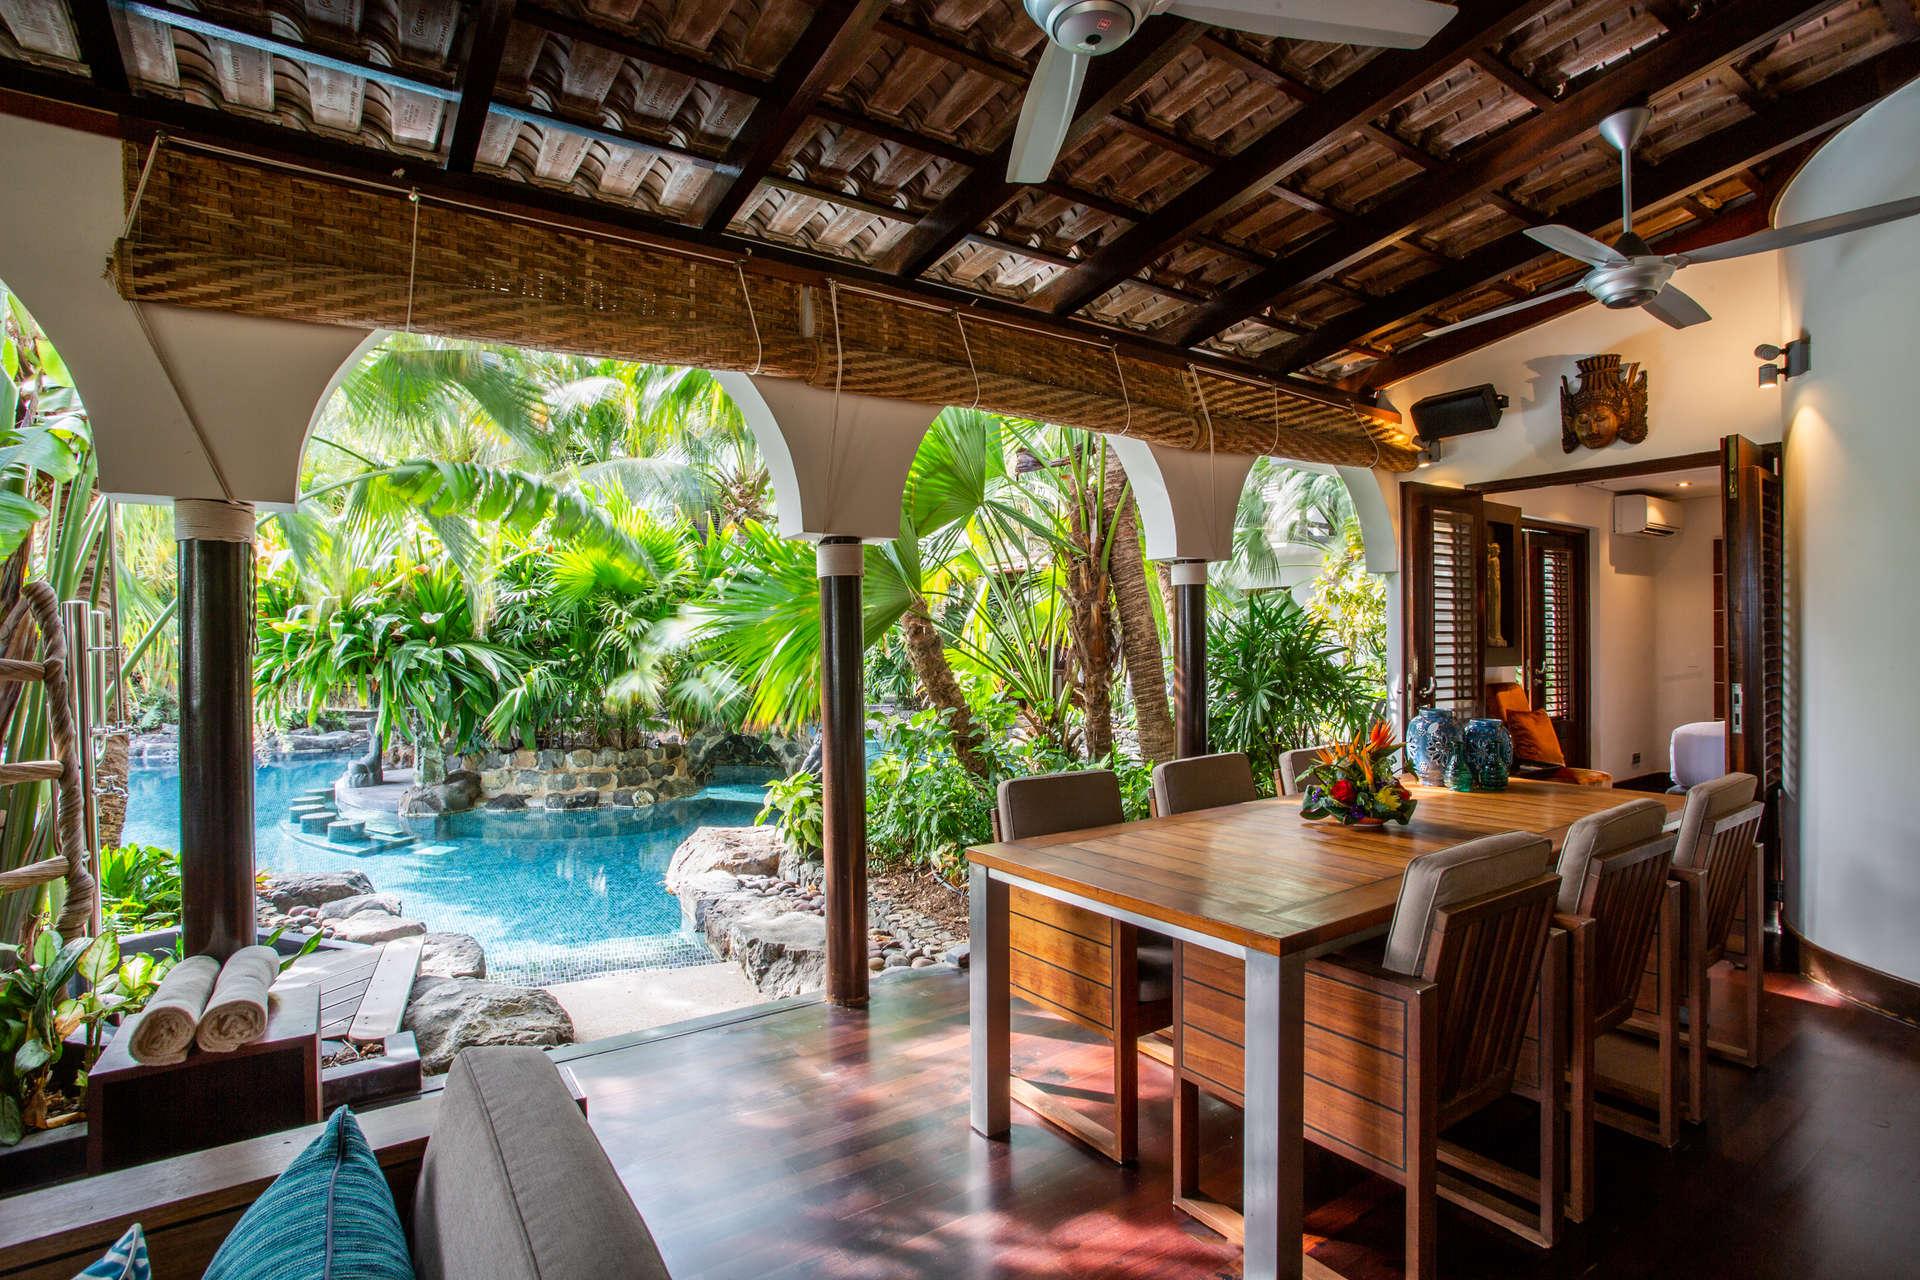 Luxury villa rentals caribbean - Curacao - Baoase luxury resort - No location 4 - Oceanfront Villa - Image 1/15